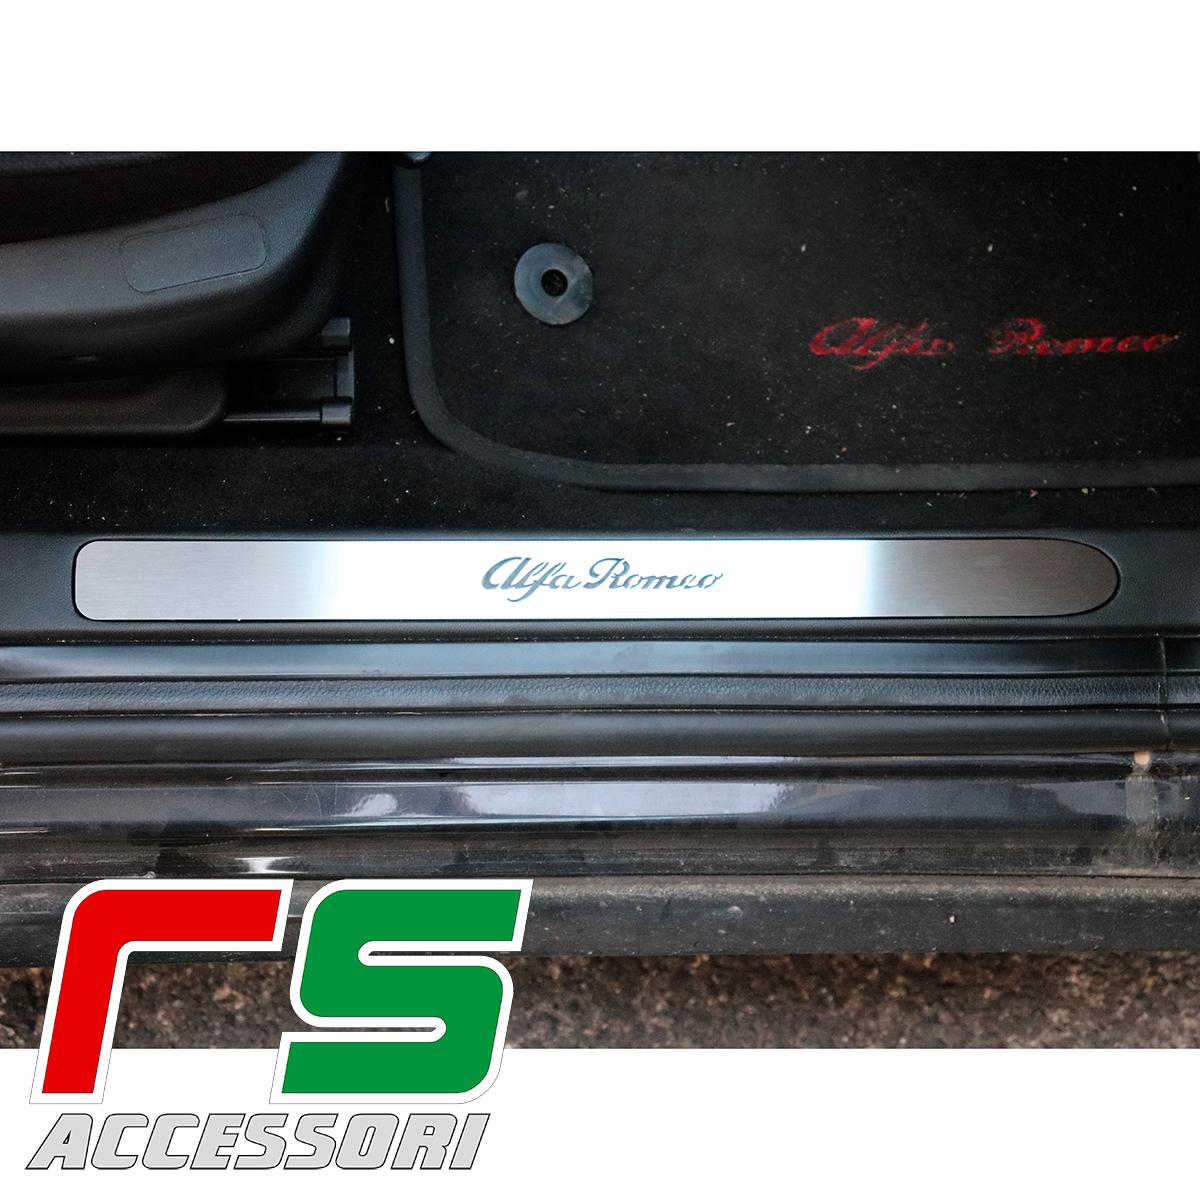 soglia battitacco sottoporta Alfa Romeo 159 batticalcagno acciaio inox